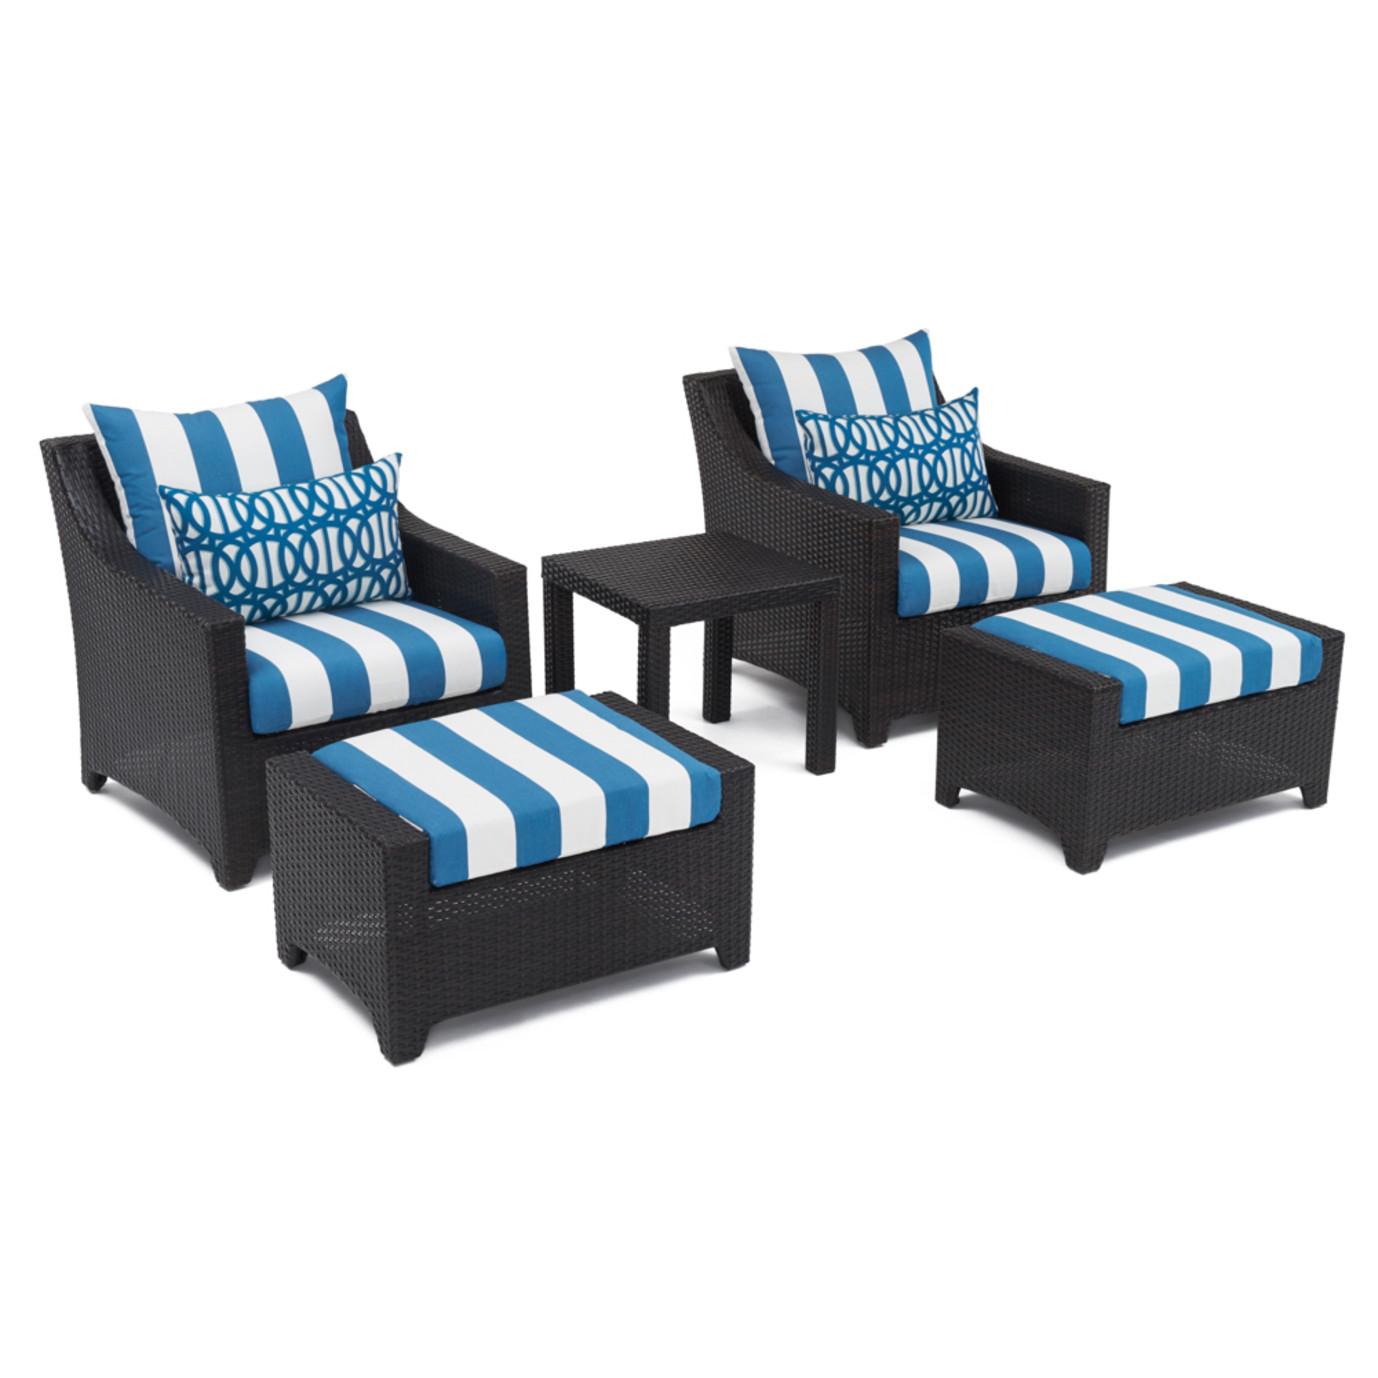 Deco™ 5pc Club Chair and Ottoman Set - Regatta Blue